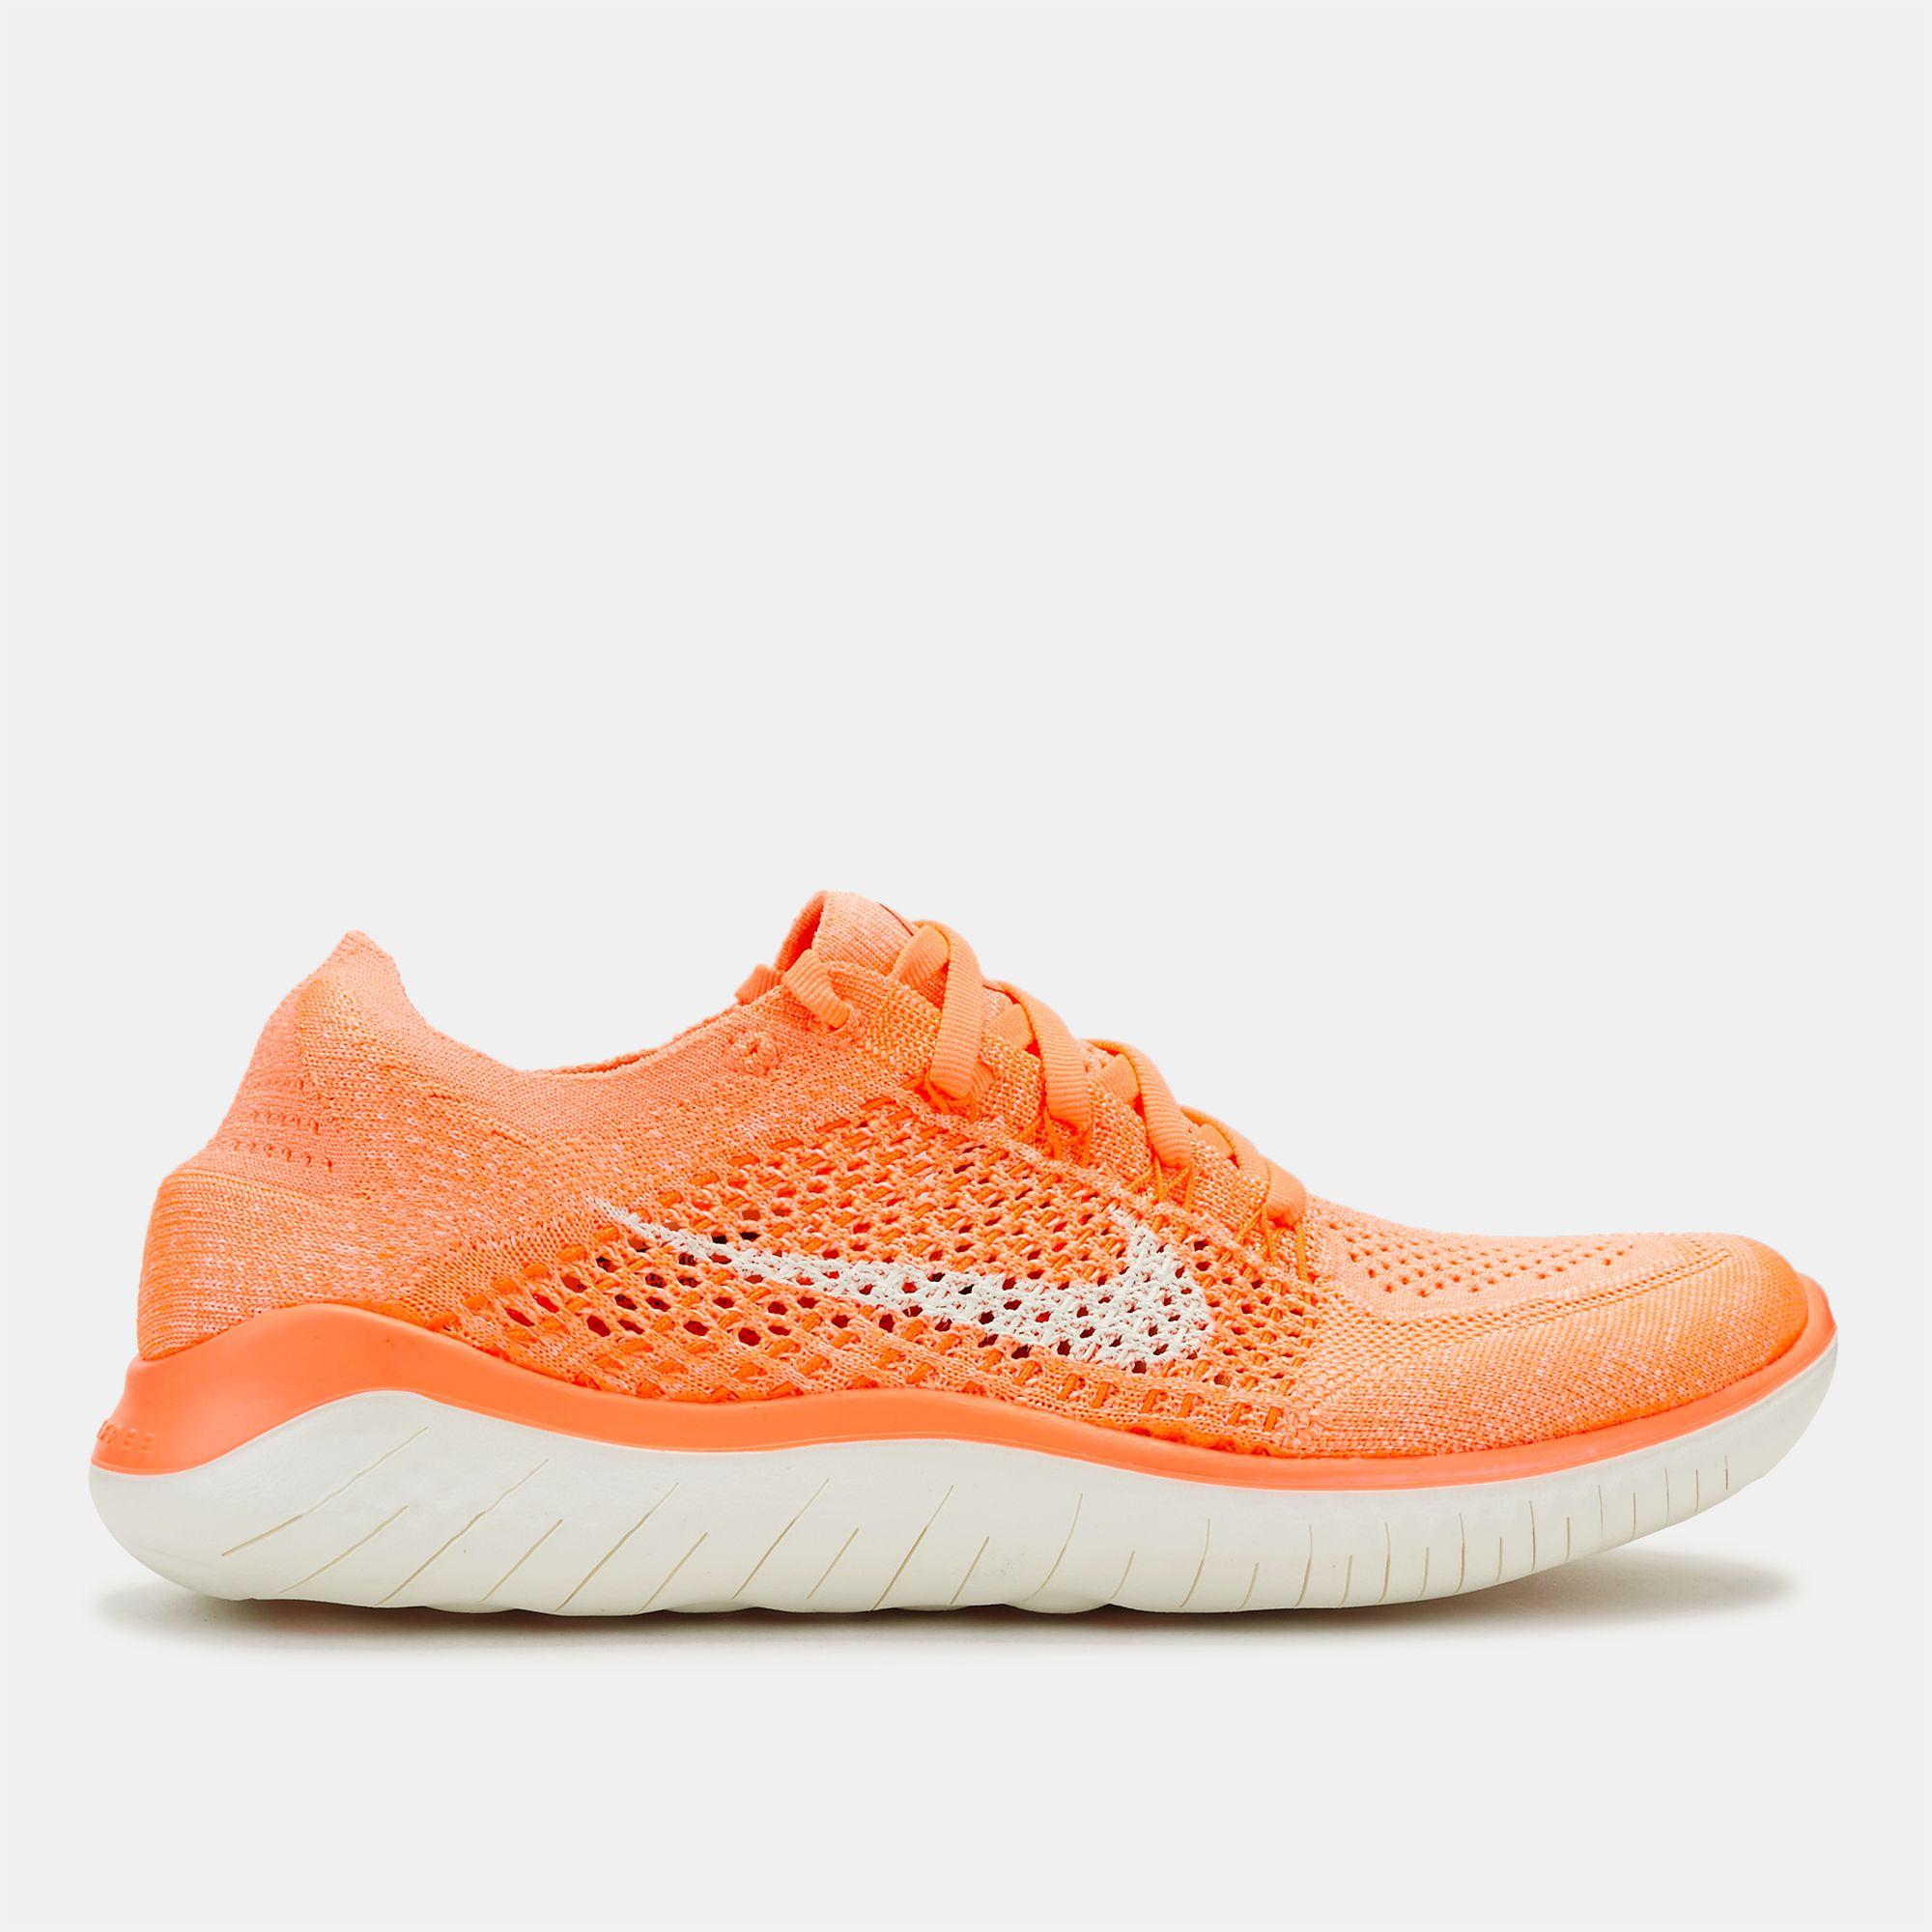 3922aece9f46 Shop Orange Nike Free RN Flyknit 2018 Shoe for Womens by Nike - 3